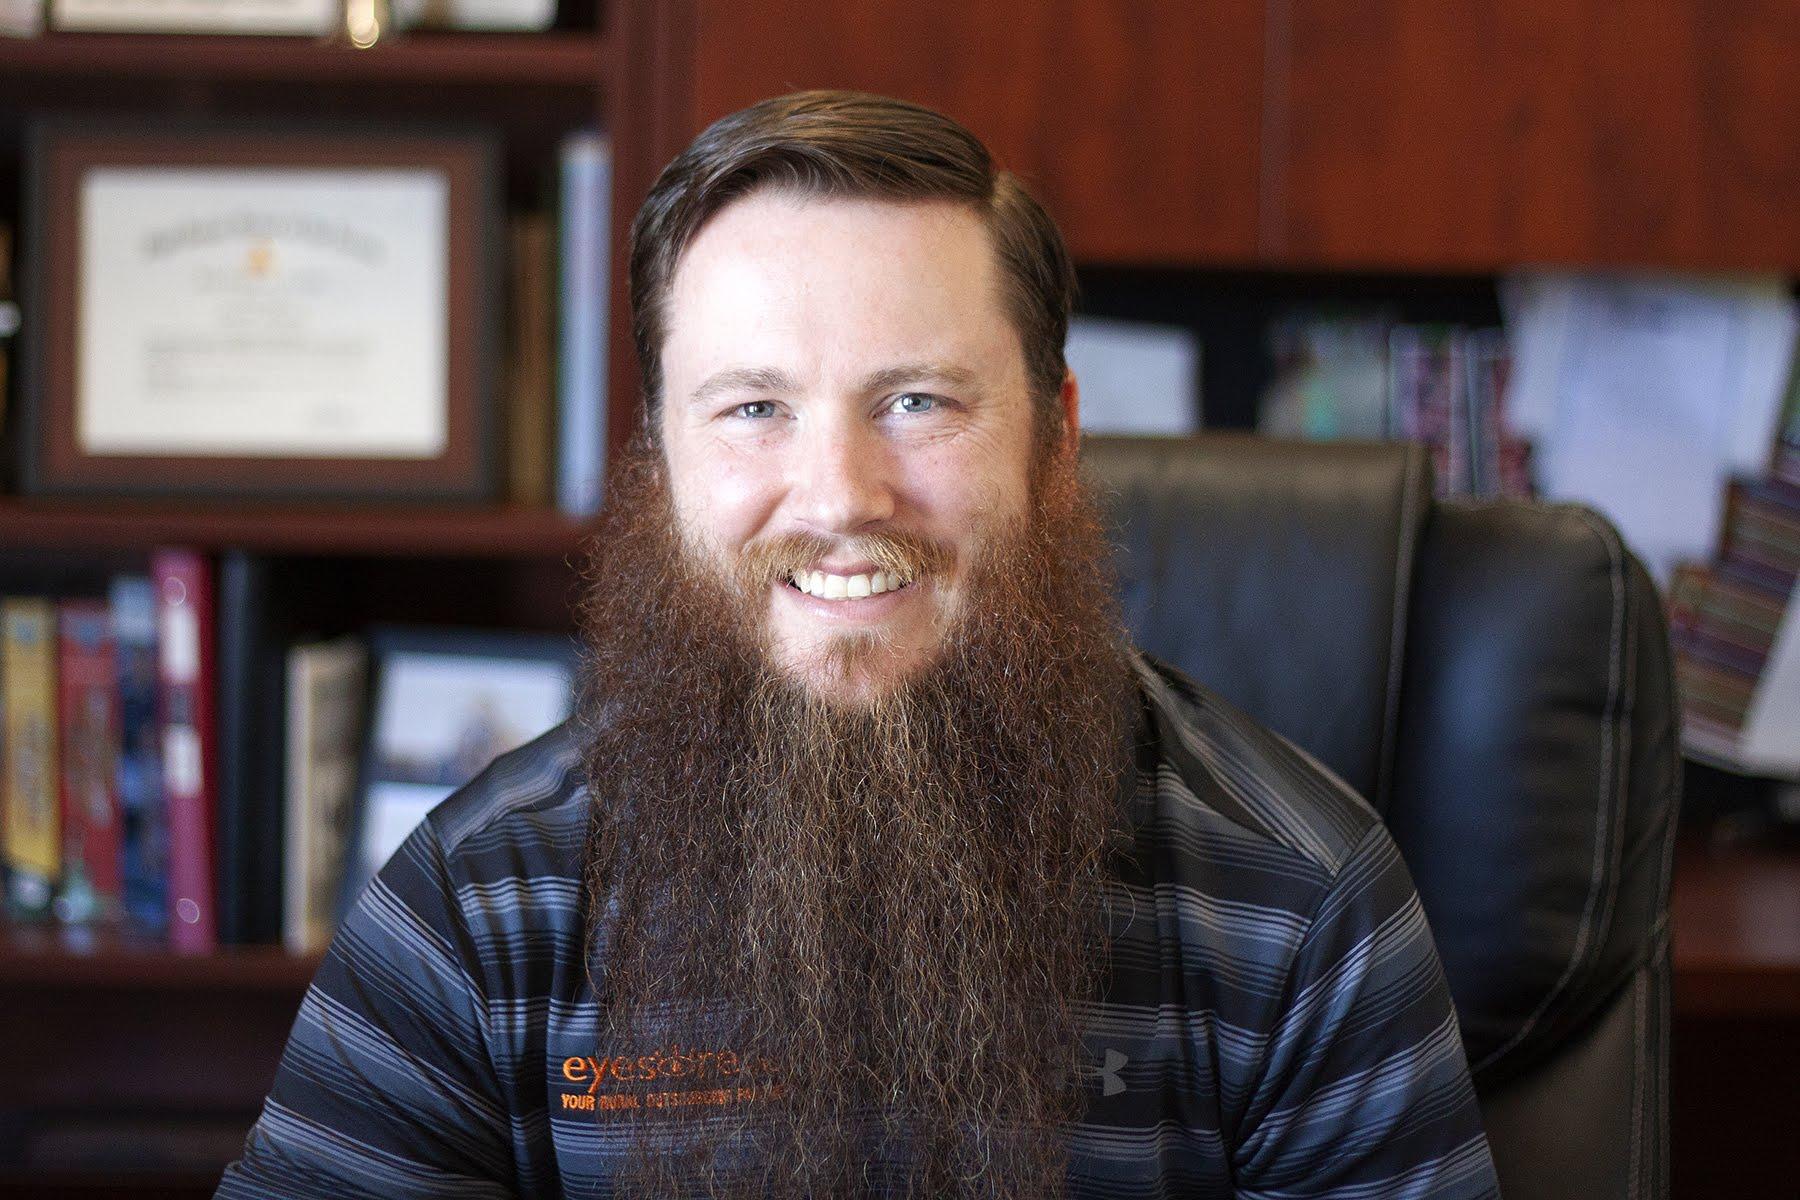 Garrett Massey - President +Owner + Founder, Eyesore, Inc.